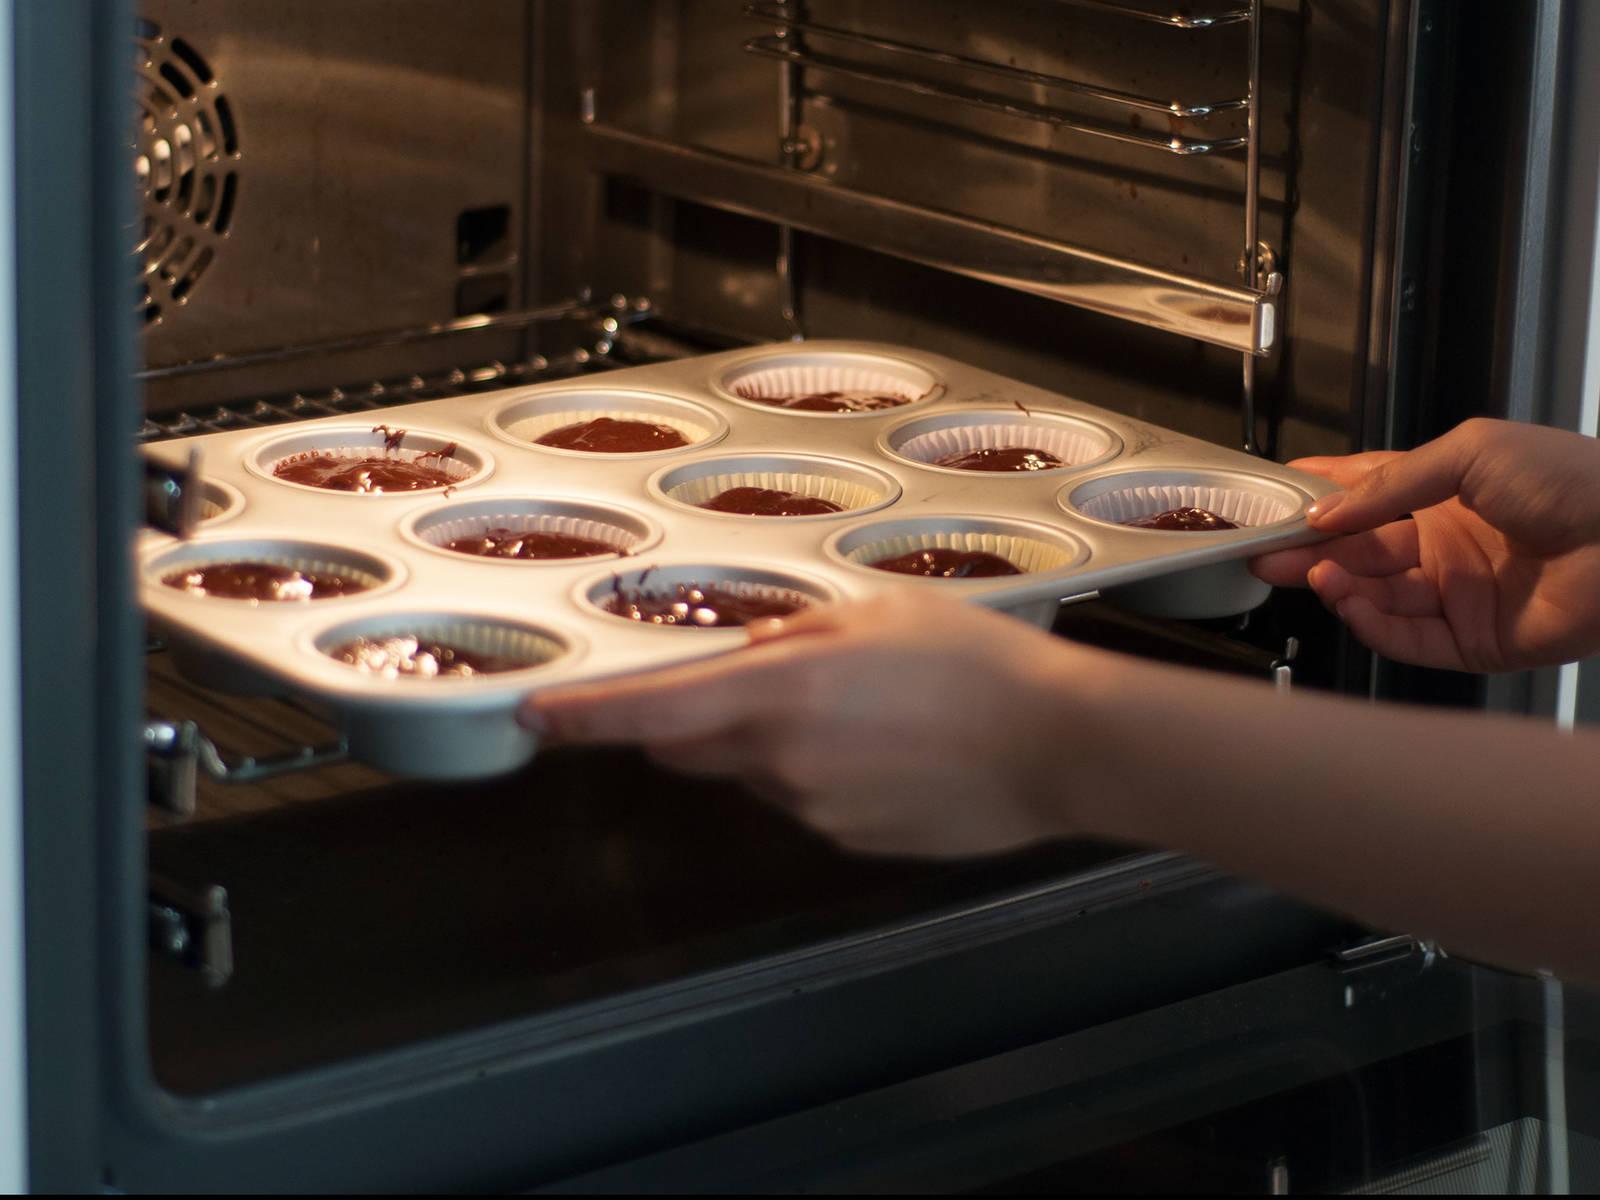 将烤模从冷冻柜中取出,并立刻放入预热好的烤箱中,以 200摄氏度烤制7-9分钟。将烤模从烤箱中取出,冷却约10分钟。撒上少许糖粉,并饰以剩余覆盆子享用!